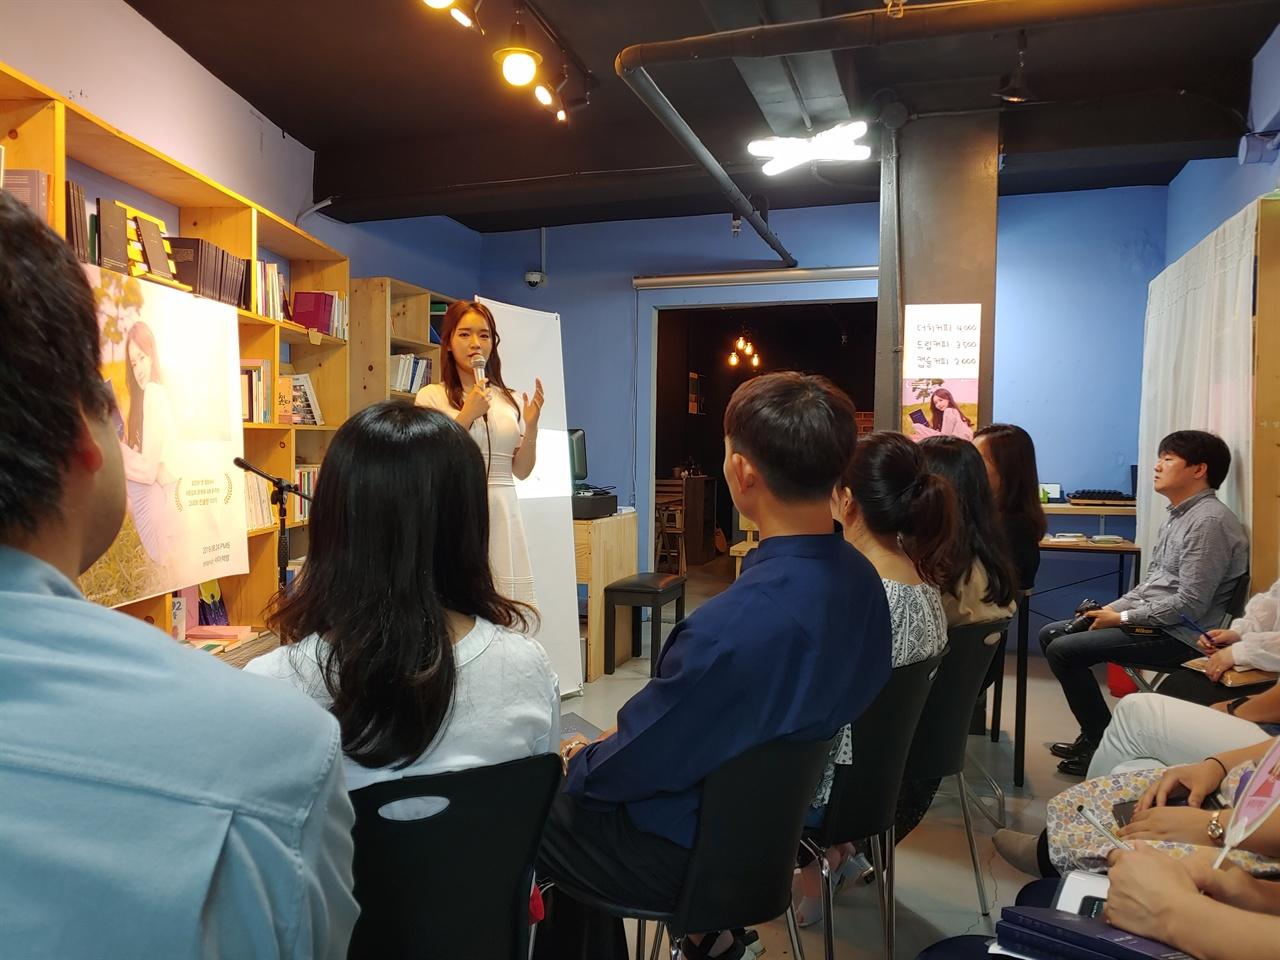 북토크를 열고 짧은 강연을 하고 있는 김진아 작가 김진아 작가는 최근 출간한 에세이 집과 관련 북토크를 개최했다.